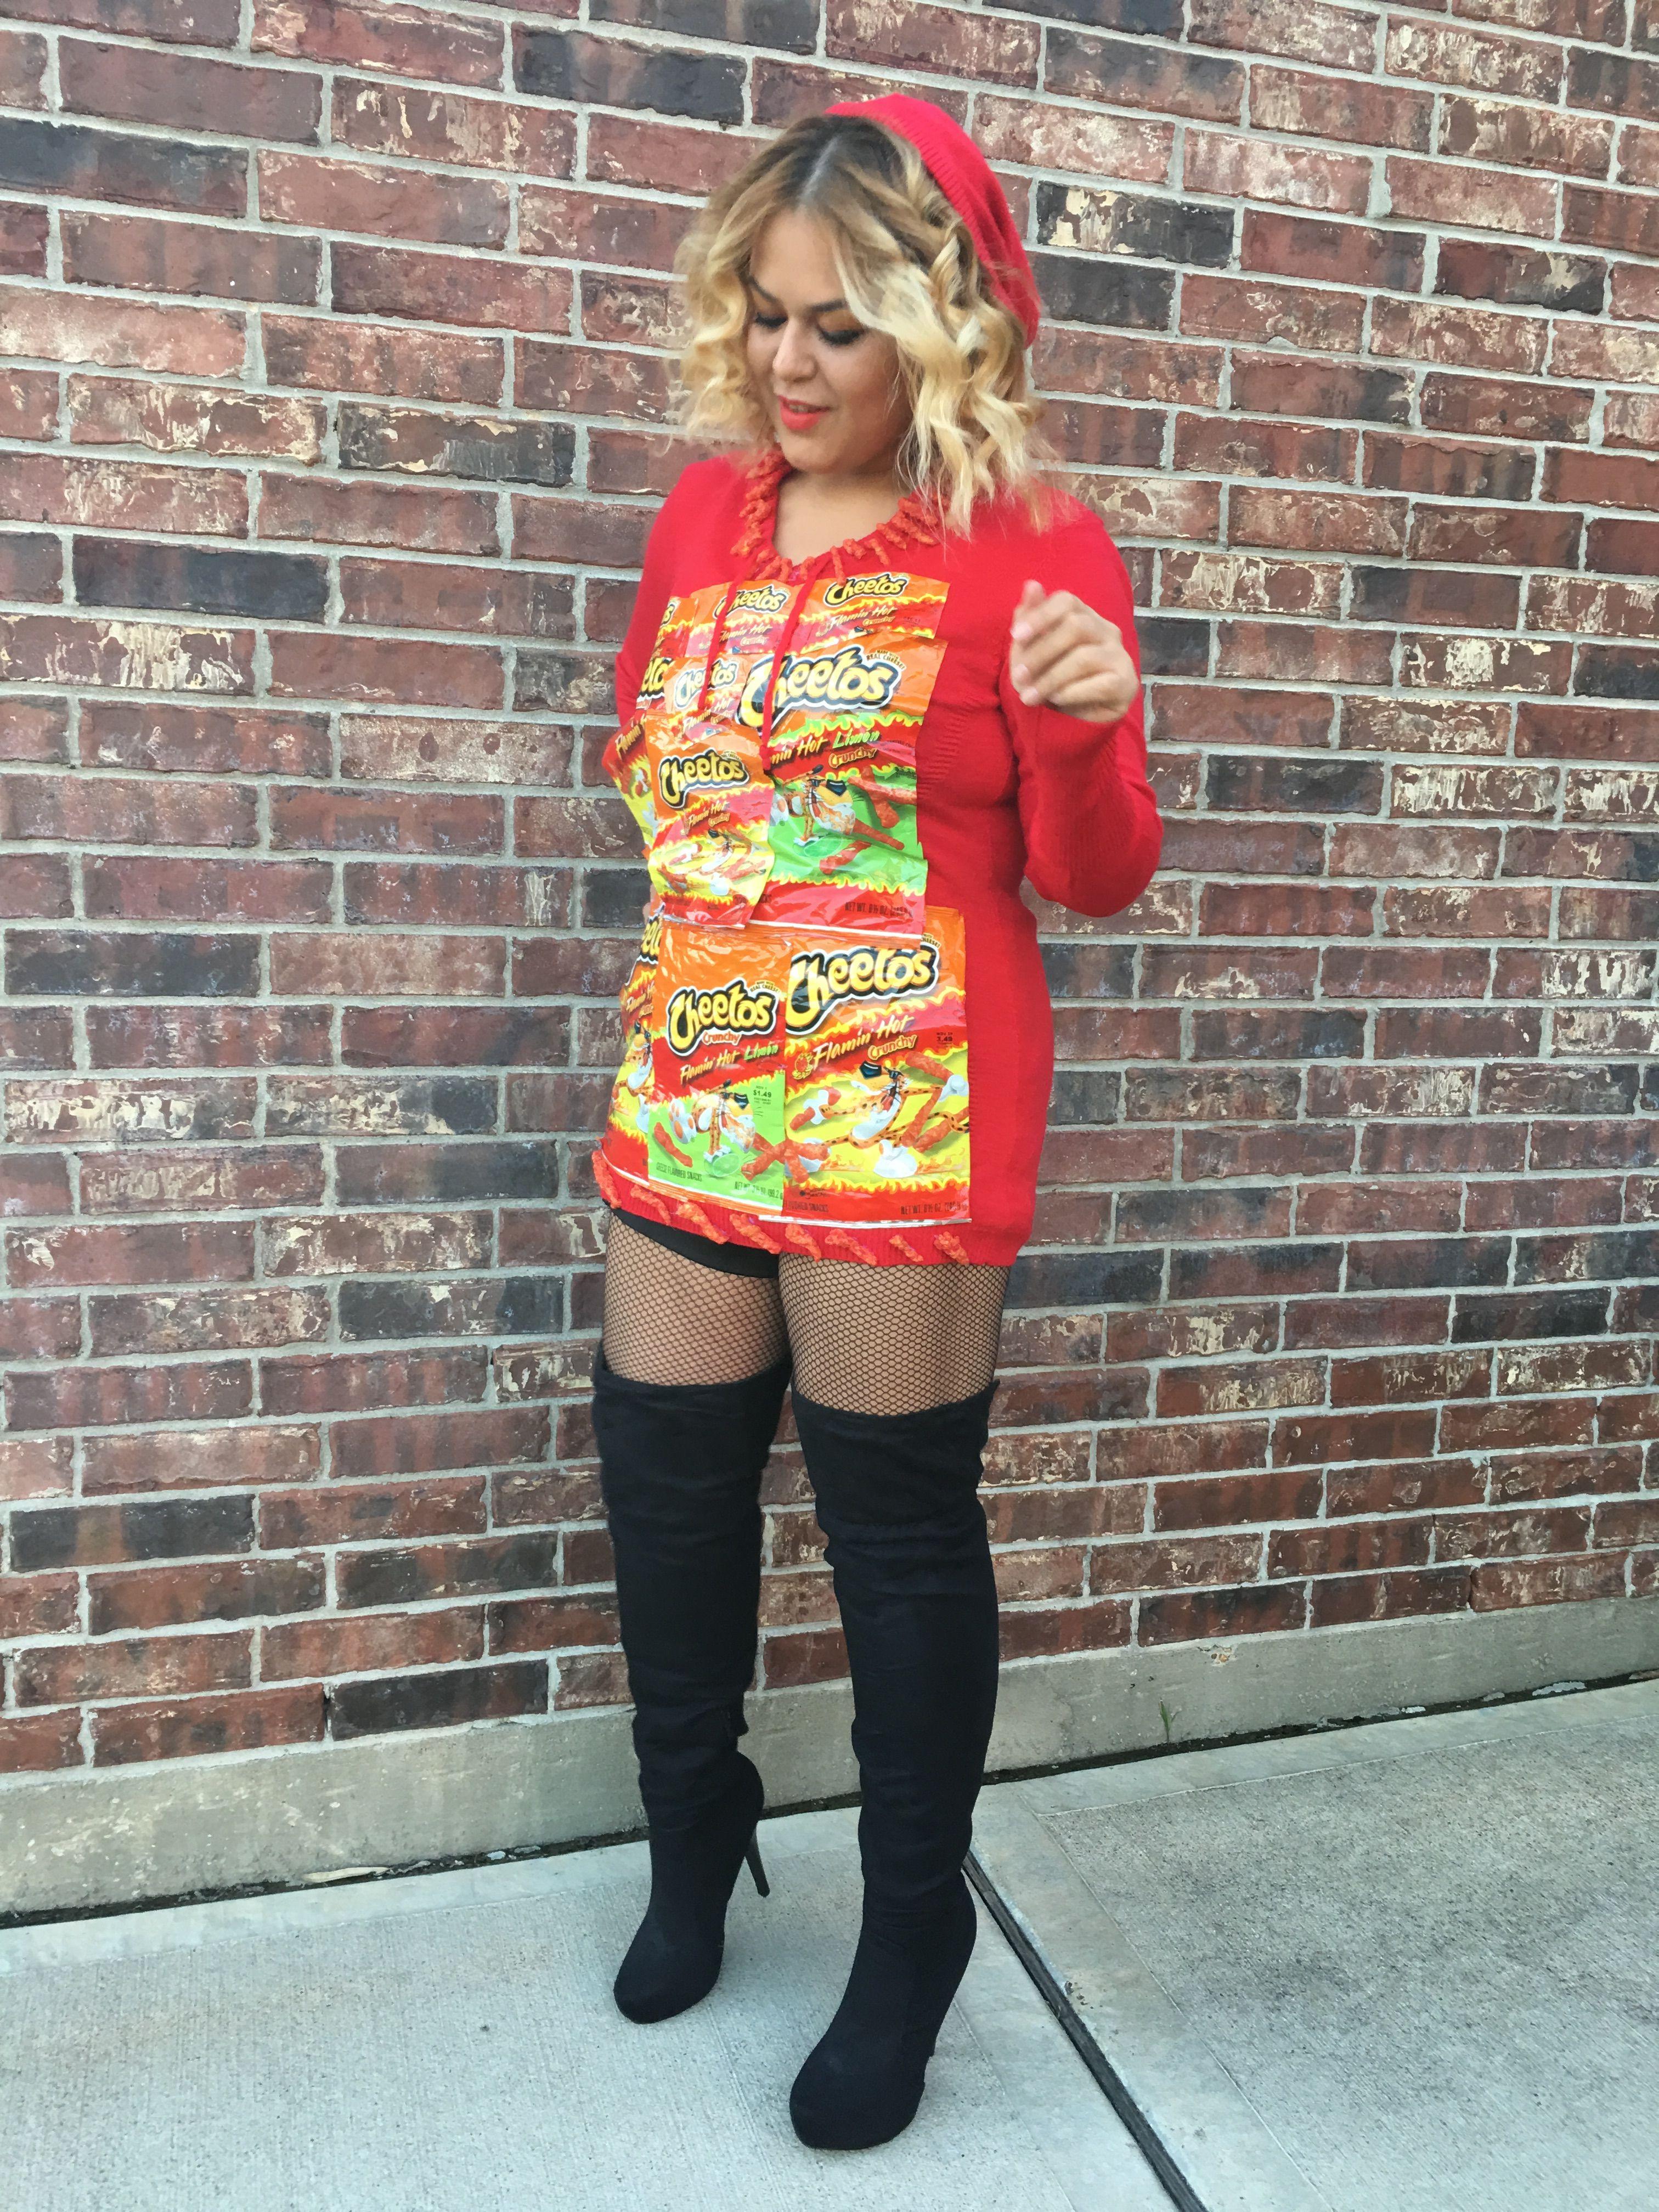 Hot Cheetos Costume Hot Cheetos Cheetos Costume Dyi